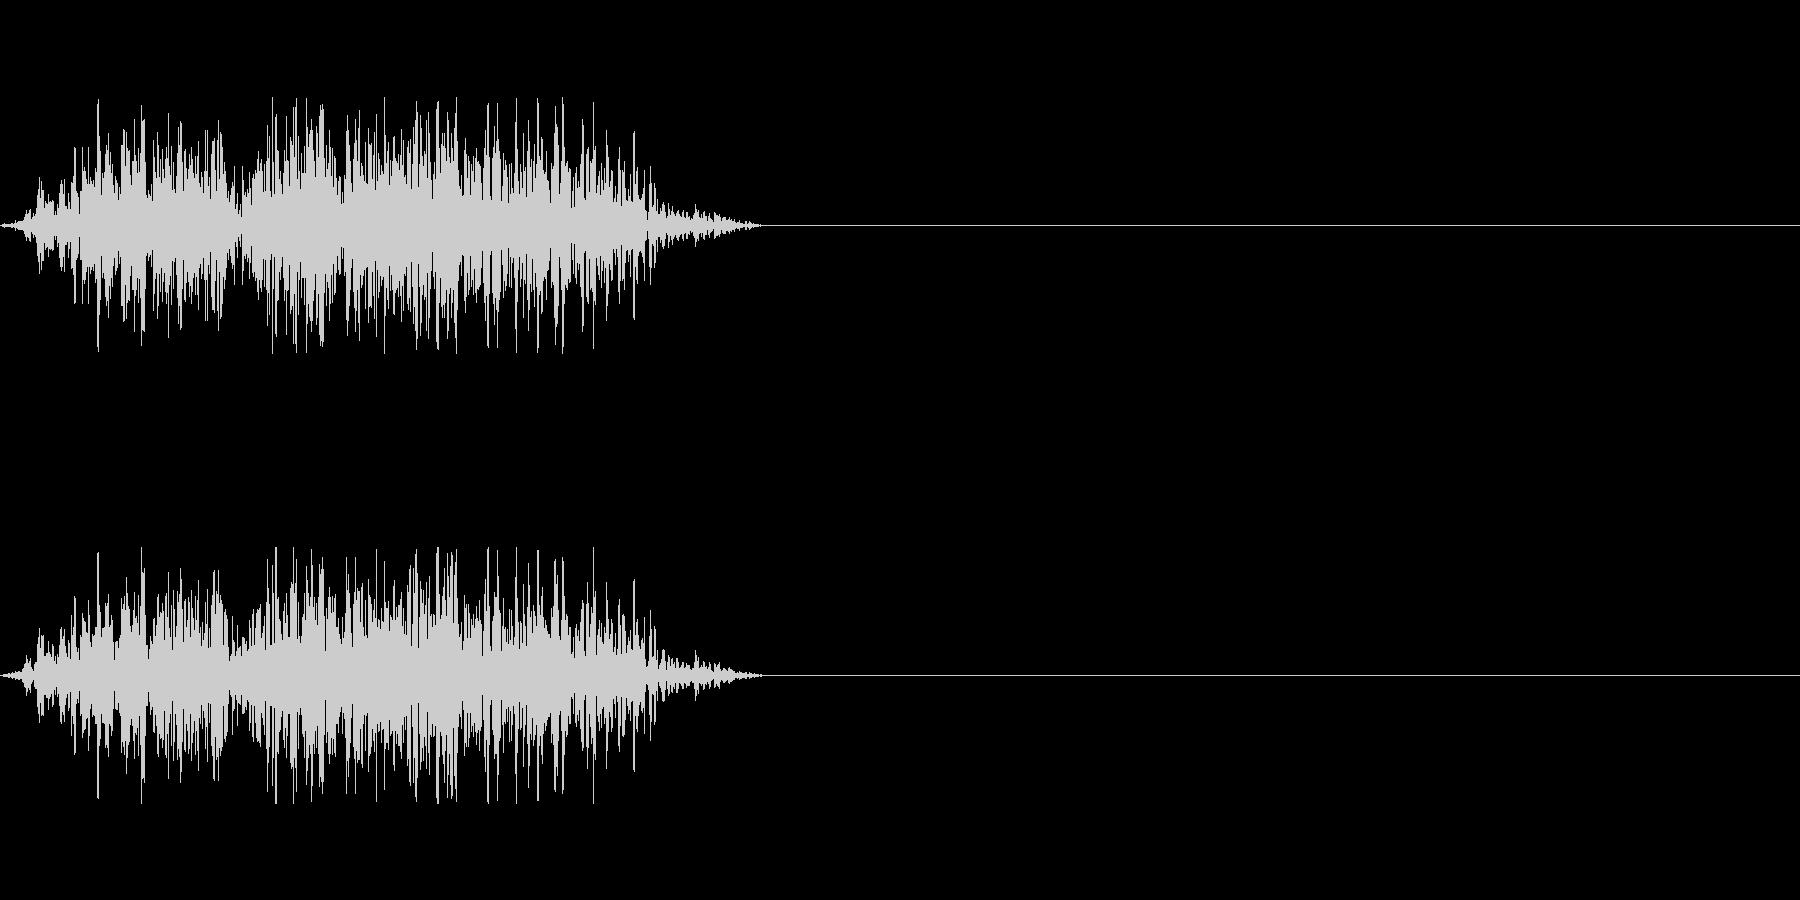 モンスターなどの発声にの未再生の波形